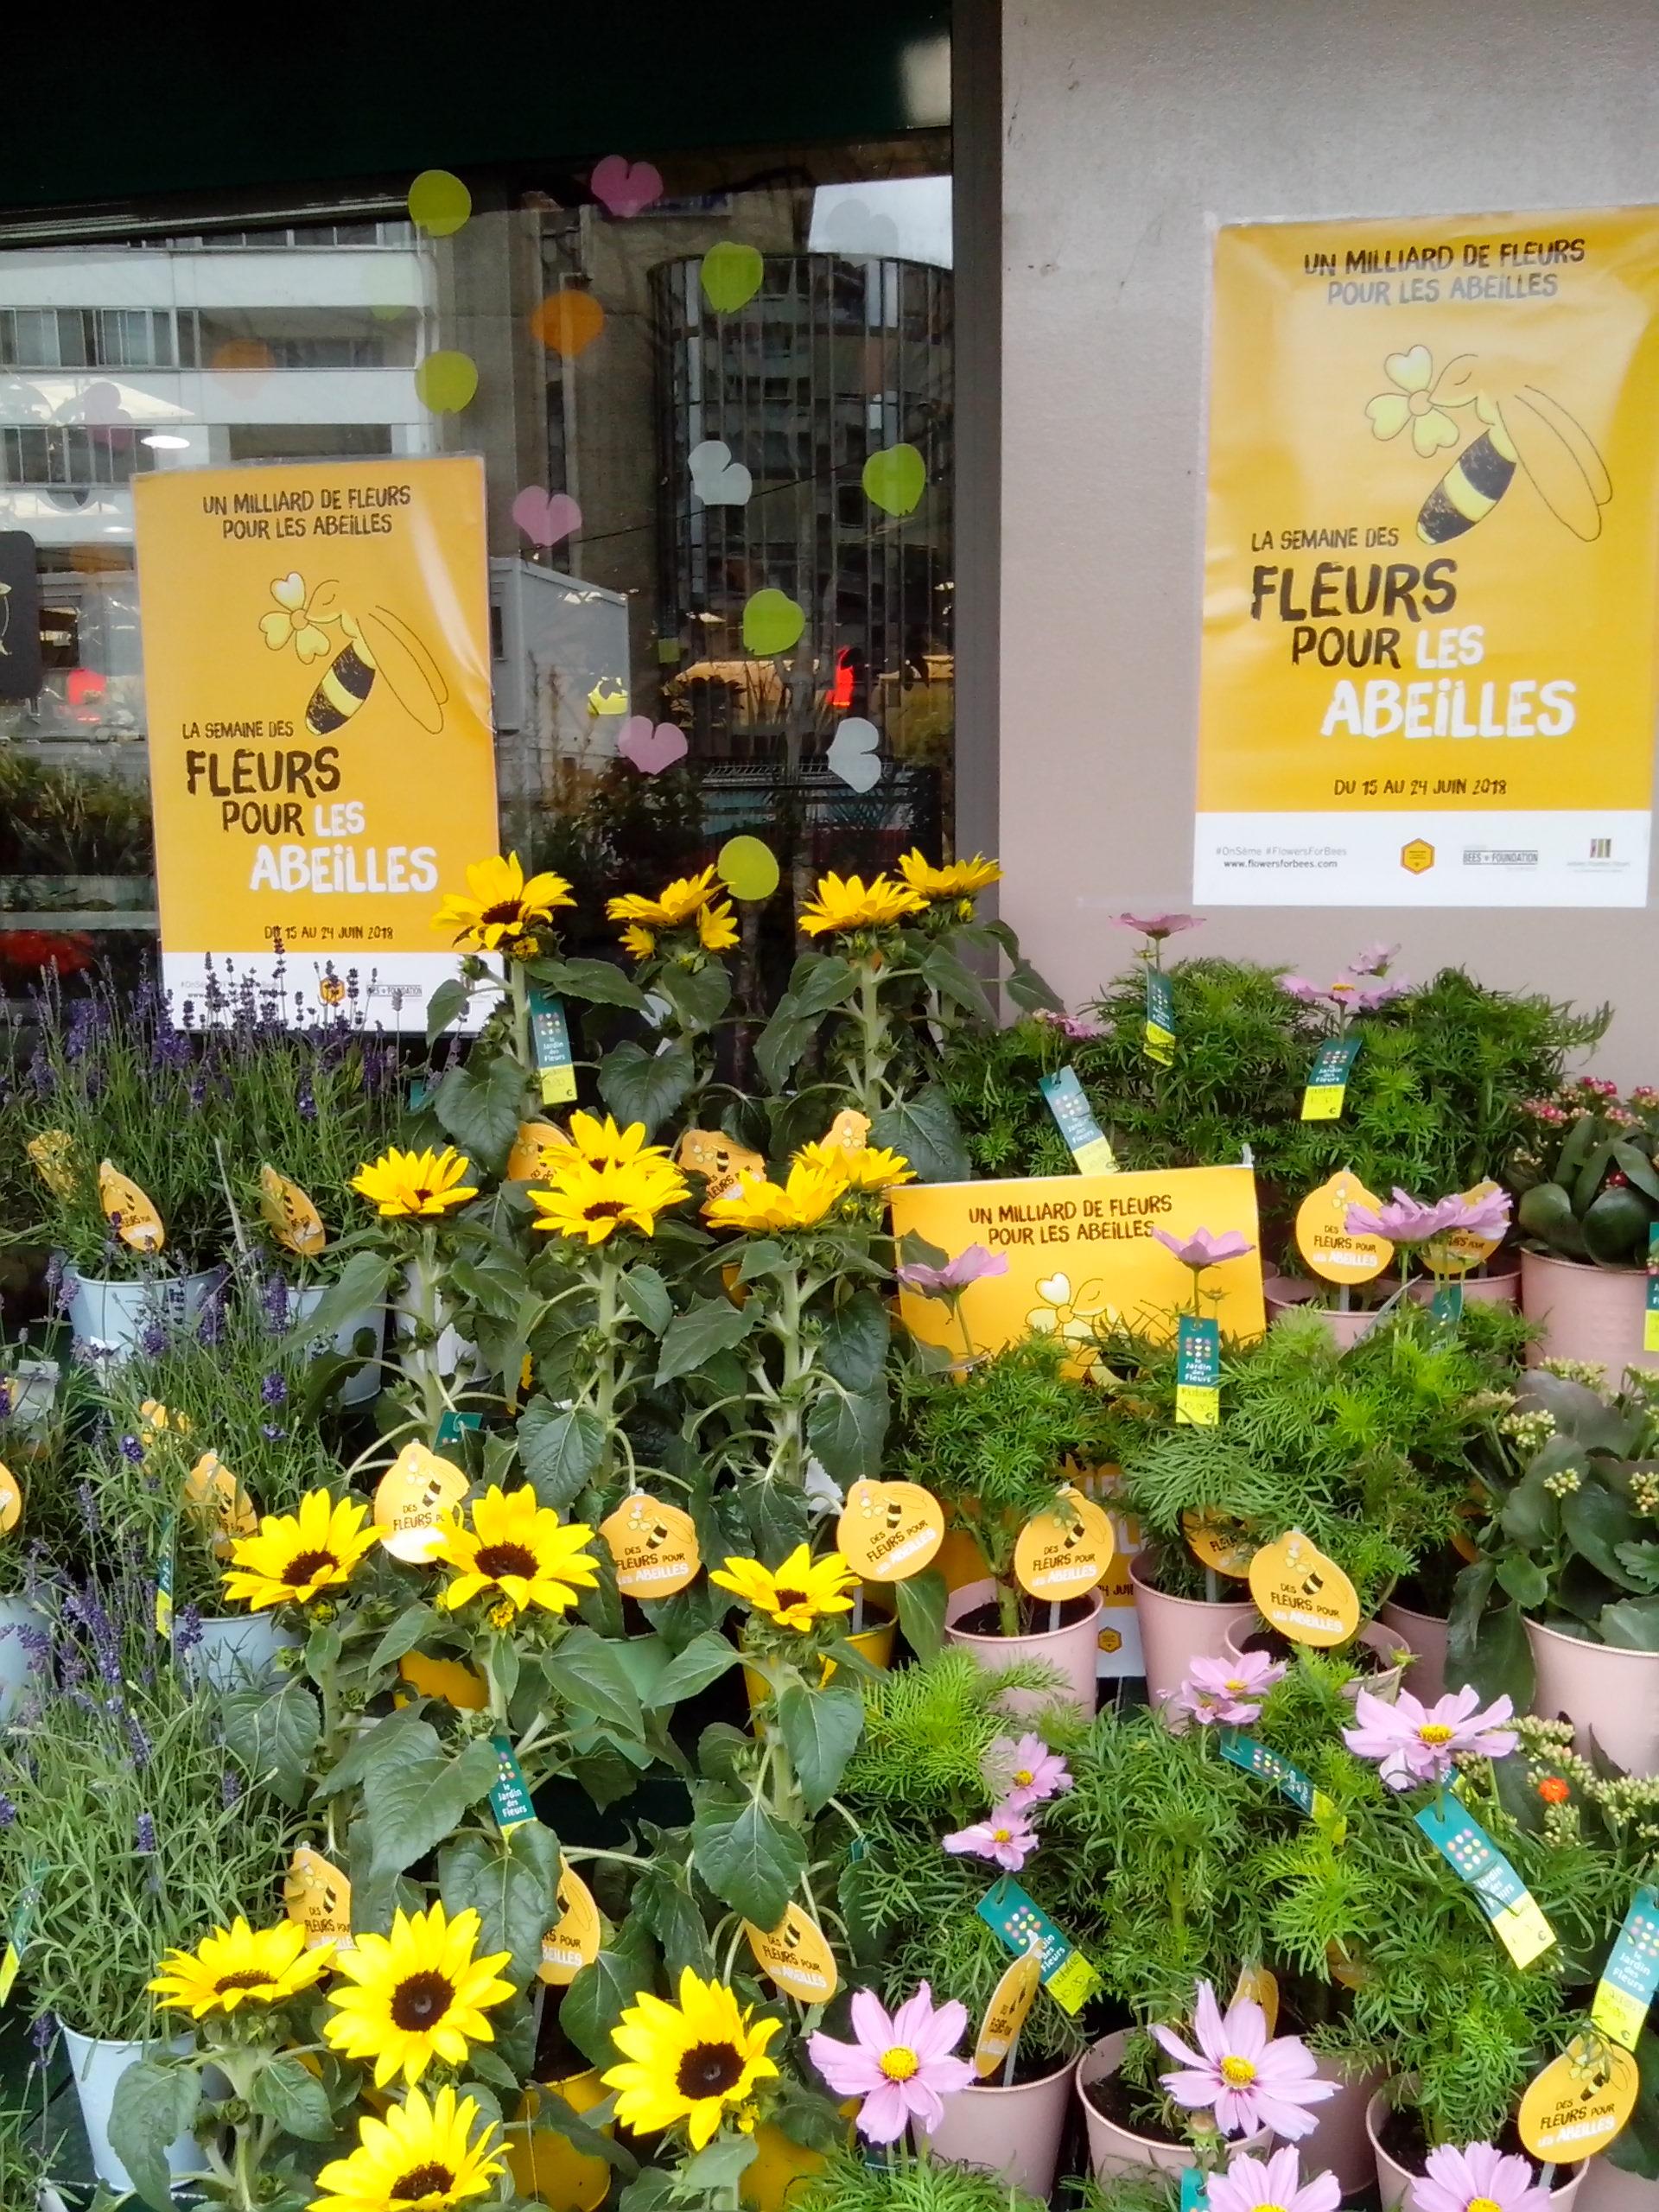 Des fleurs pour les abeilles